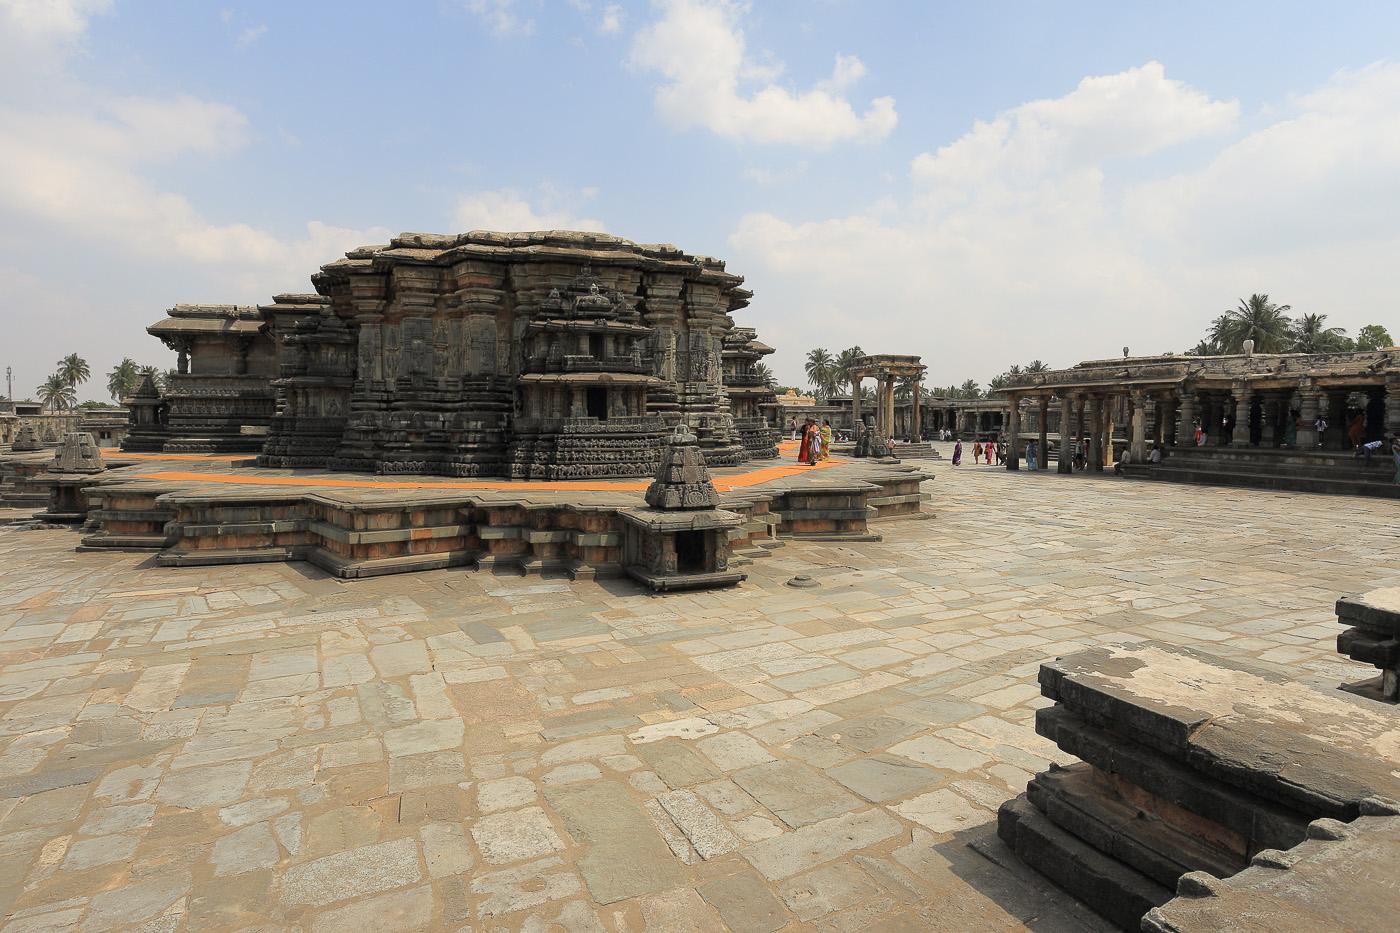 Фотография №15. Храм Ченнакесава в Белуре, штат Карнатака. Отзывы об отдыхе в Индии. 1/80, 0 eV, f 10, 17mm, ISO 100.